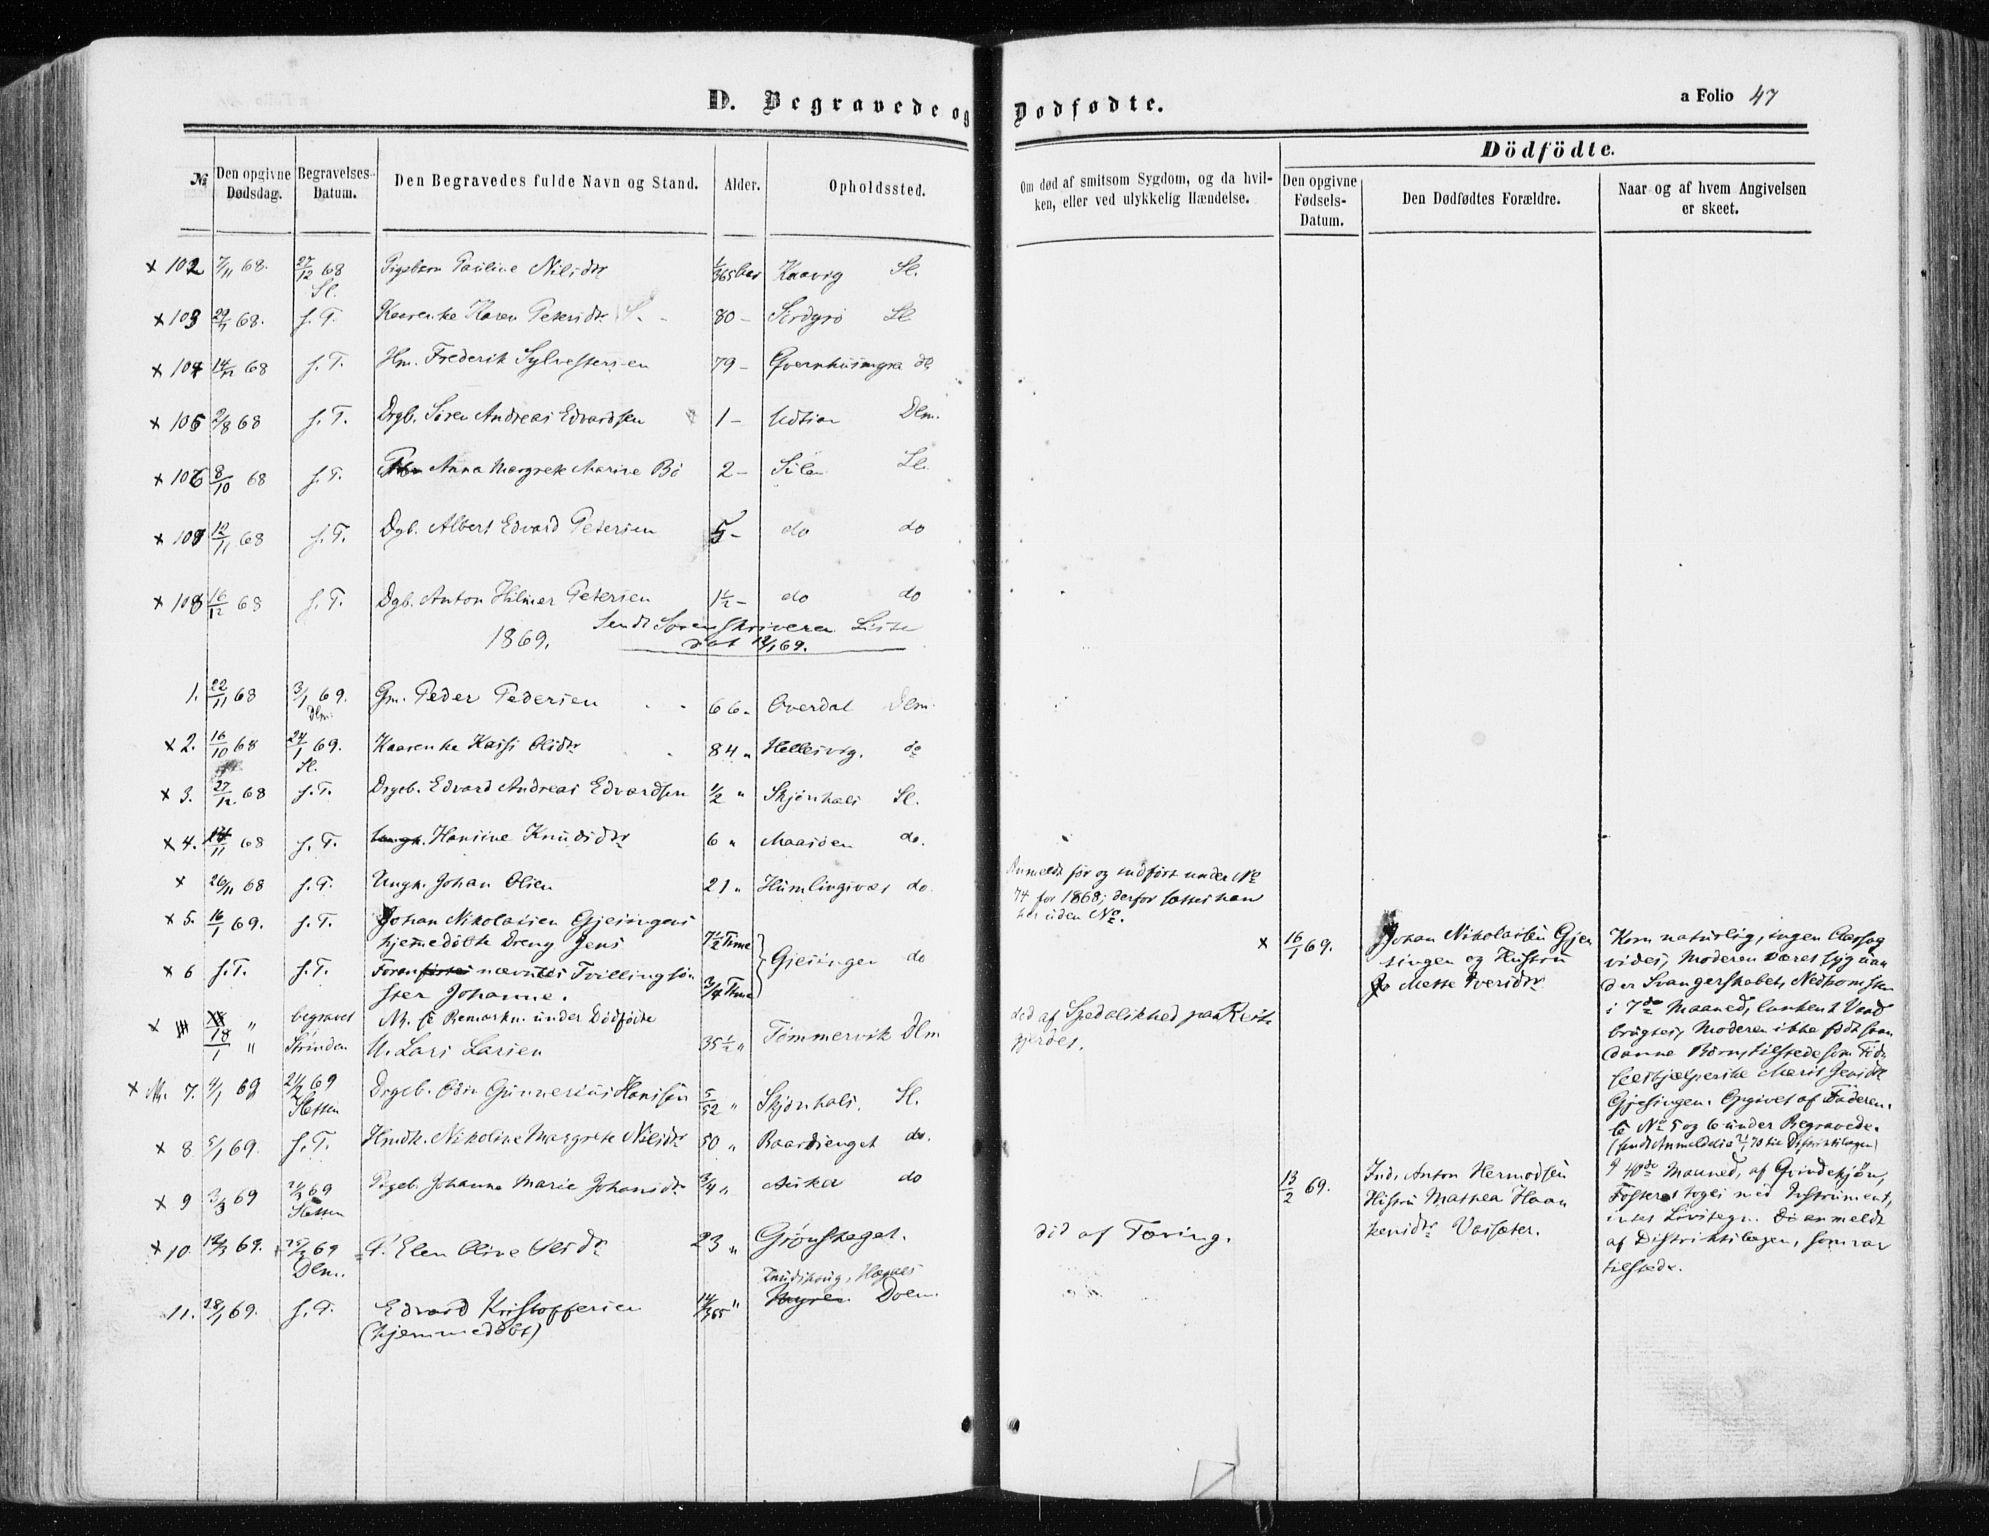 SAT, Ministerialprotokoller, klokkerbøker og fødselsregistre - Sør-Trøndelag, 634/L0531: Ministerialbok nr. 634A07, 1861-1870, s. 47